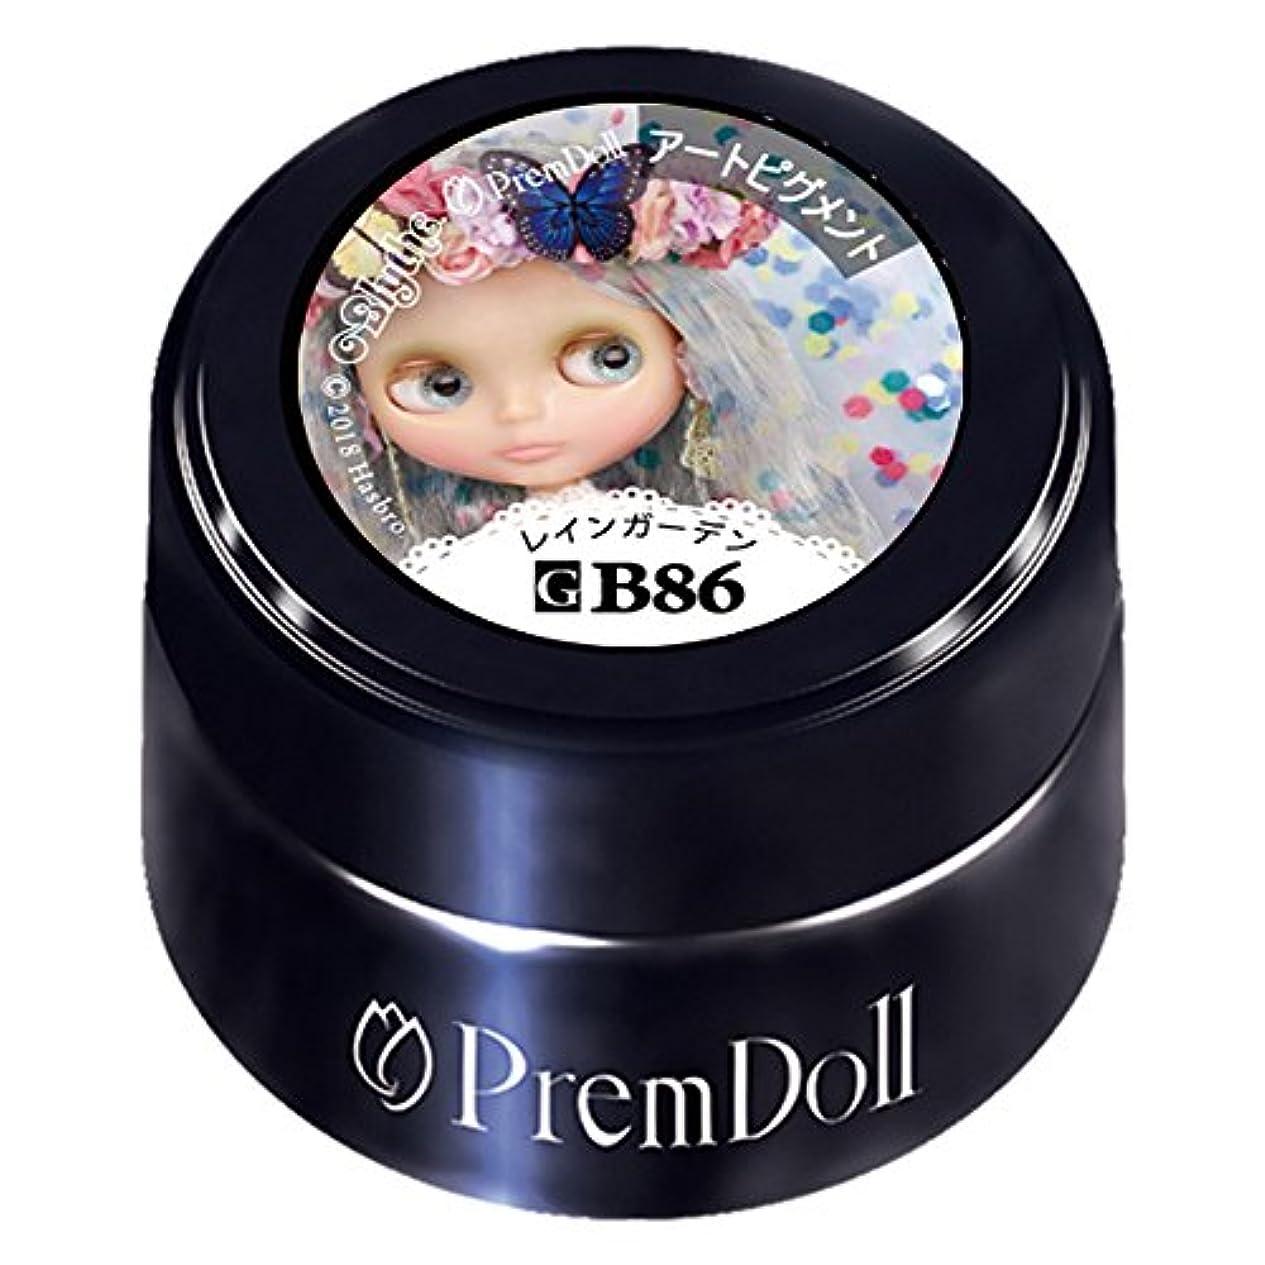 アセンブリ穴外交PRE GEL プリムドールレインガーデン86 DOLL-B86 UV/LED対応